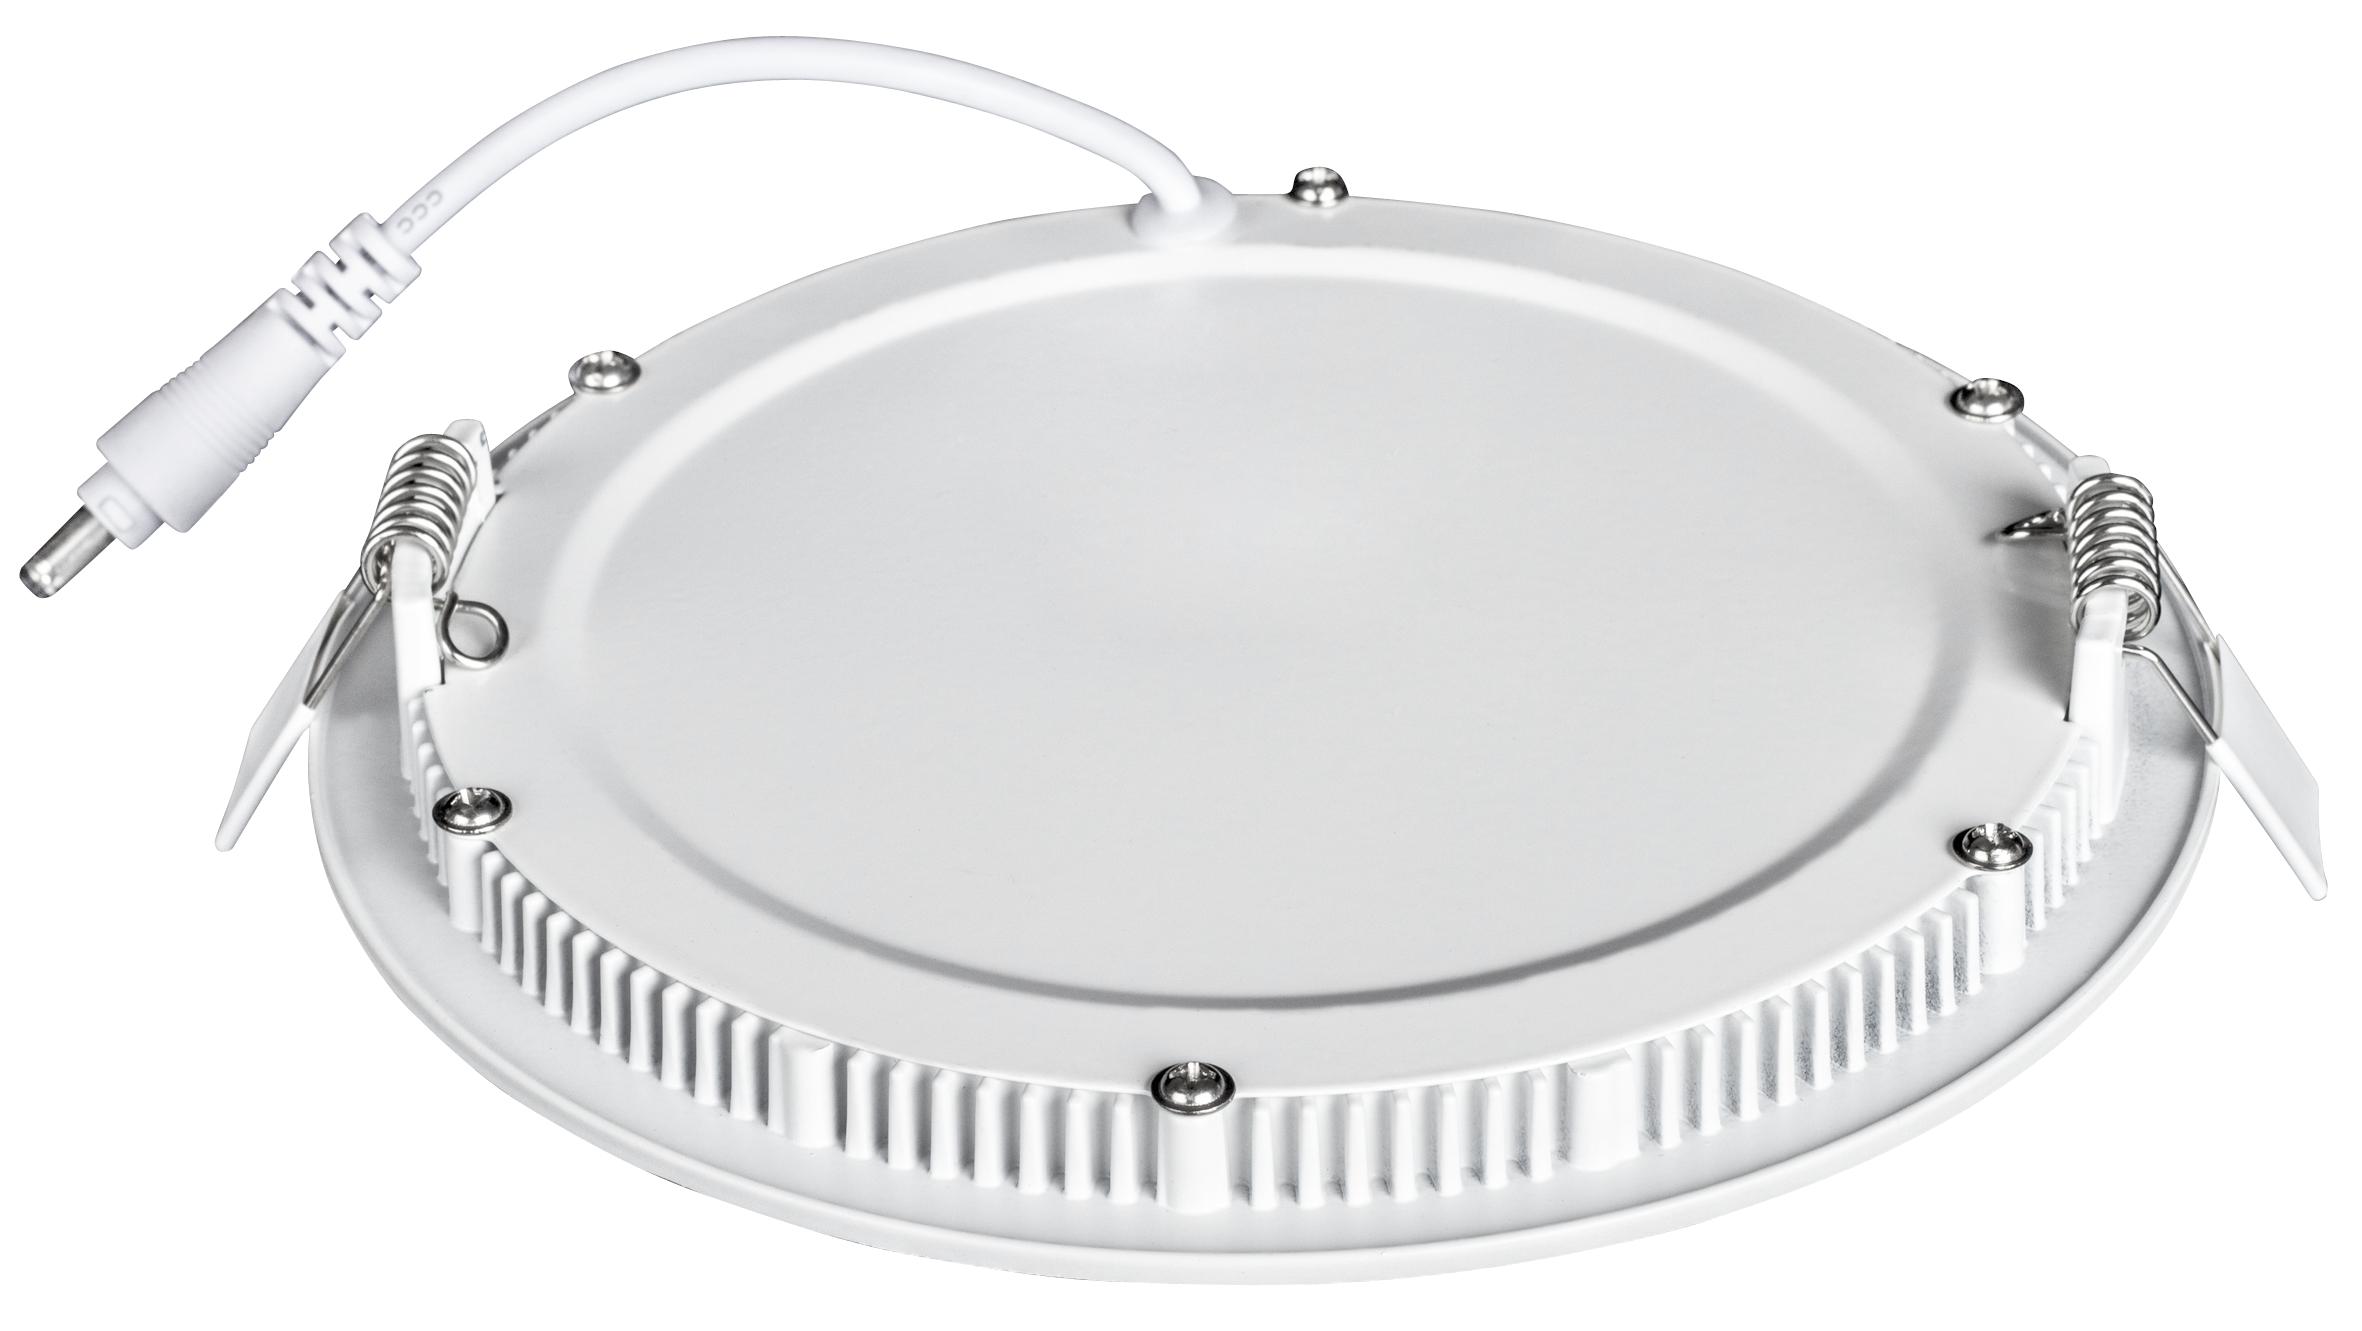 LED-Panel McShine ''LP-1822RW'', 18W, 225mm-Ø, 1.260 lm, 3000K, warmweiß